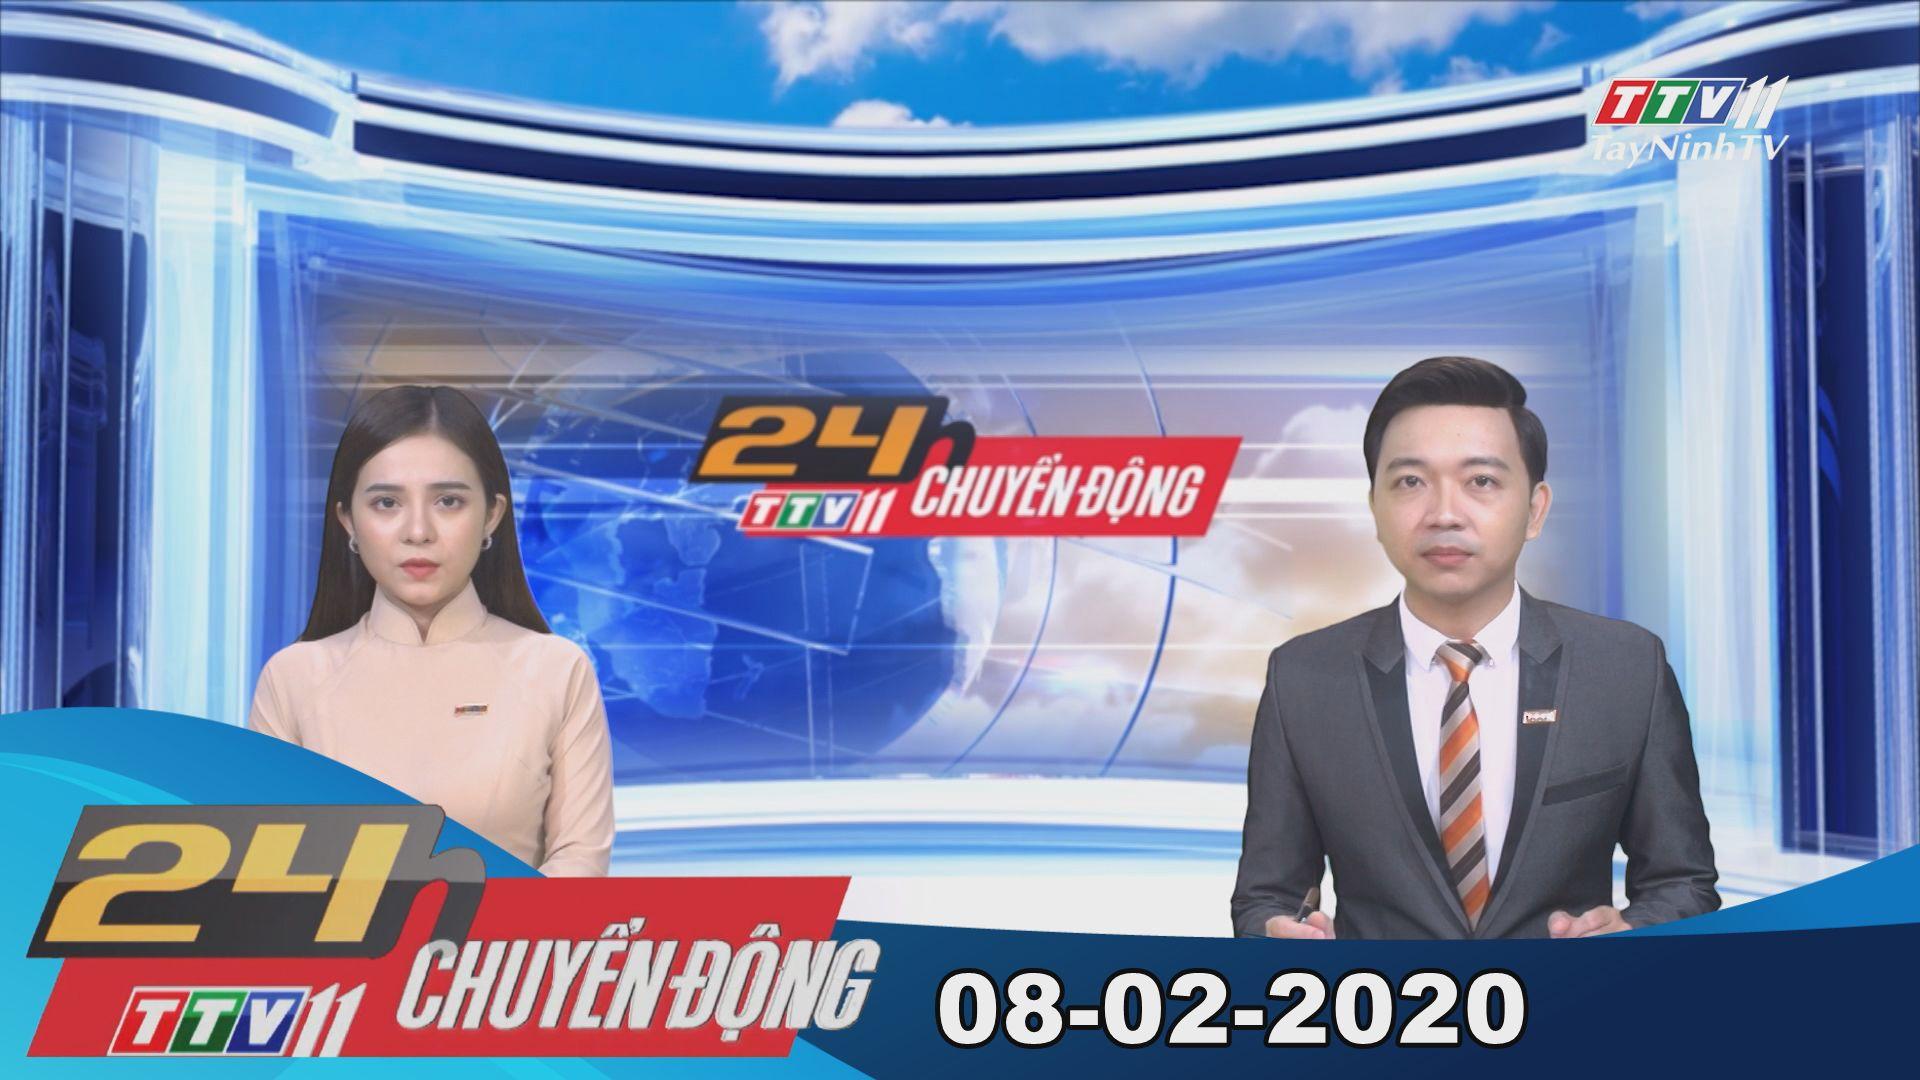 24h Chuyển động 08-02-2020 | Tin tức hôm nay | TayNinhTV